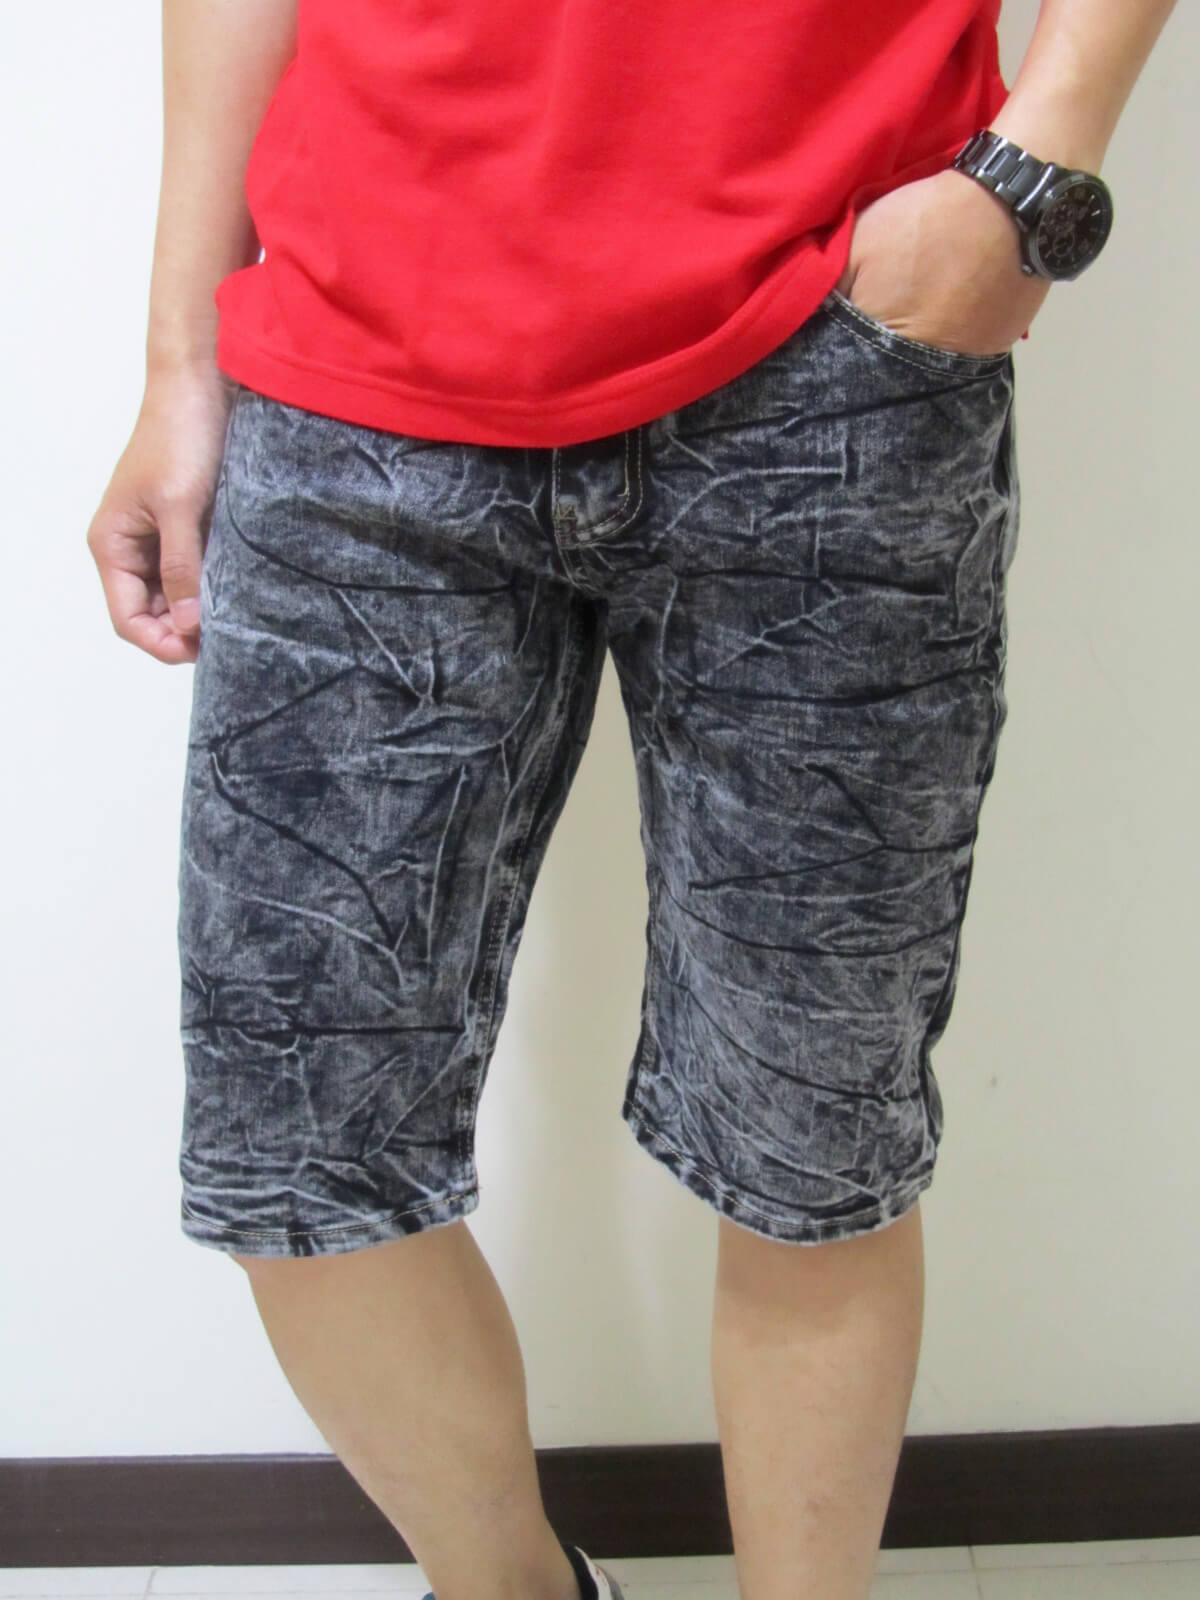 sun-e牛仔六分褲、繡龍頭圖樣、砂洗水波紋彈力六分褲、休閒牛仔褲、休閒六分褲、牛仔短褲、六分丹寧短褲、超輕量、腰圍有皮帶環(褲耳)、褲檔有拉鍊、黑色六分褲(329-3815-21)黑 腰圍:M L XL 2L 3L 4L(28~39英吋) 1